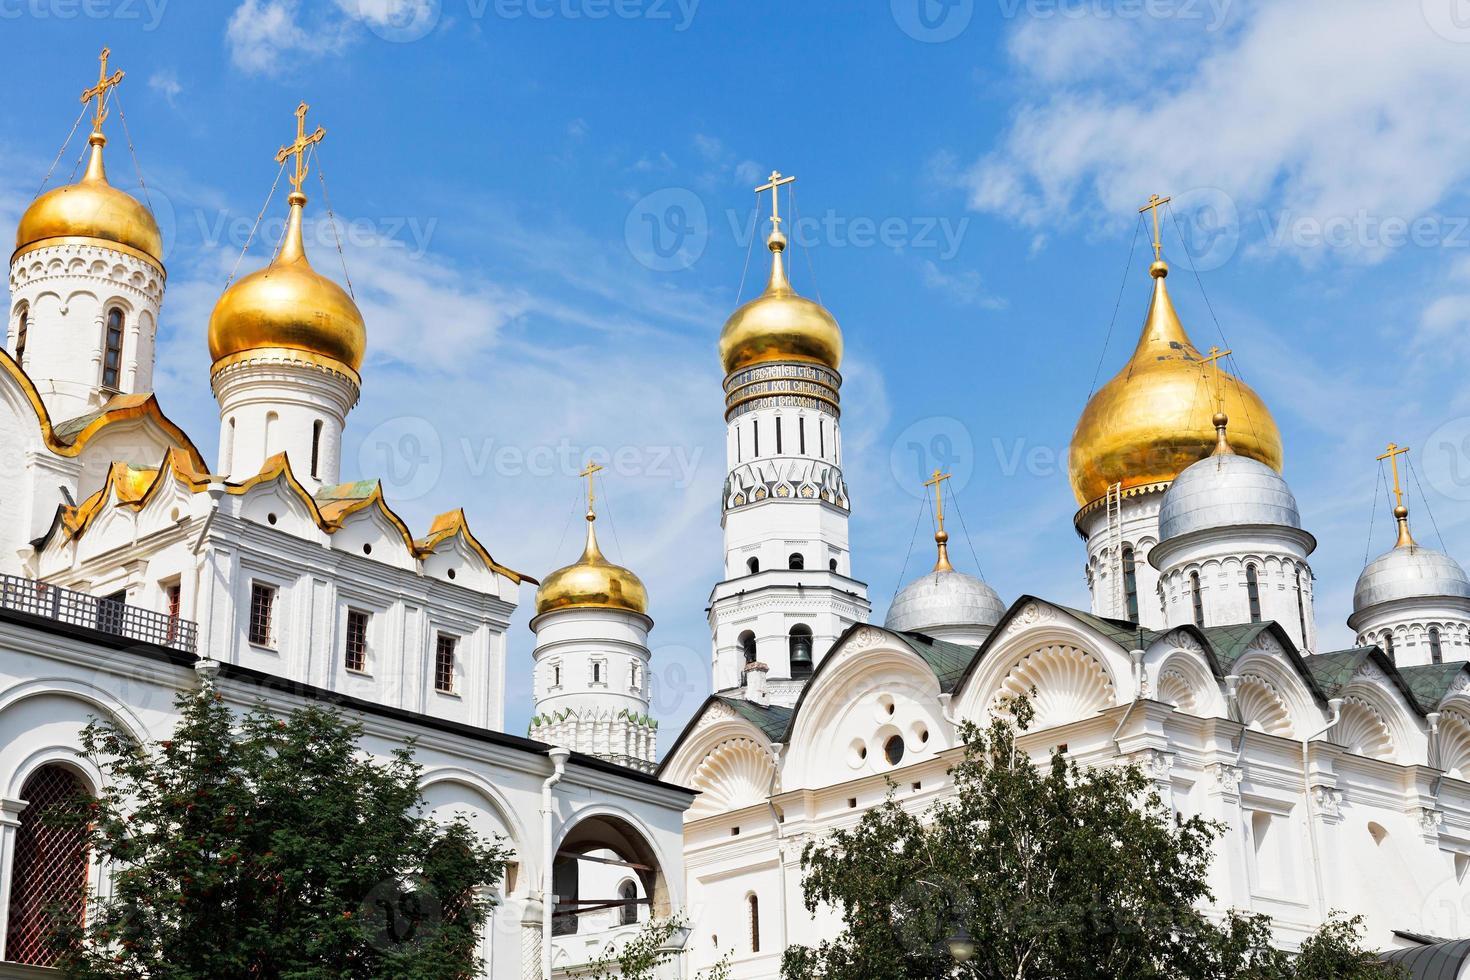 gouden koepels van de kremlinkathedralen van moskou foto